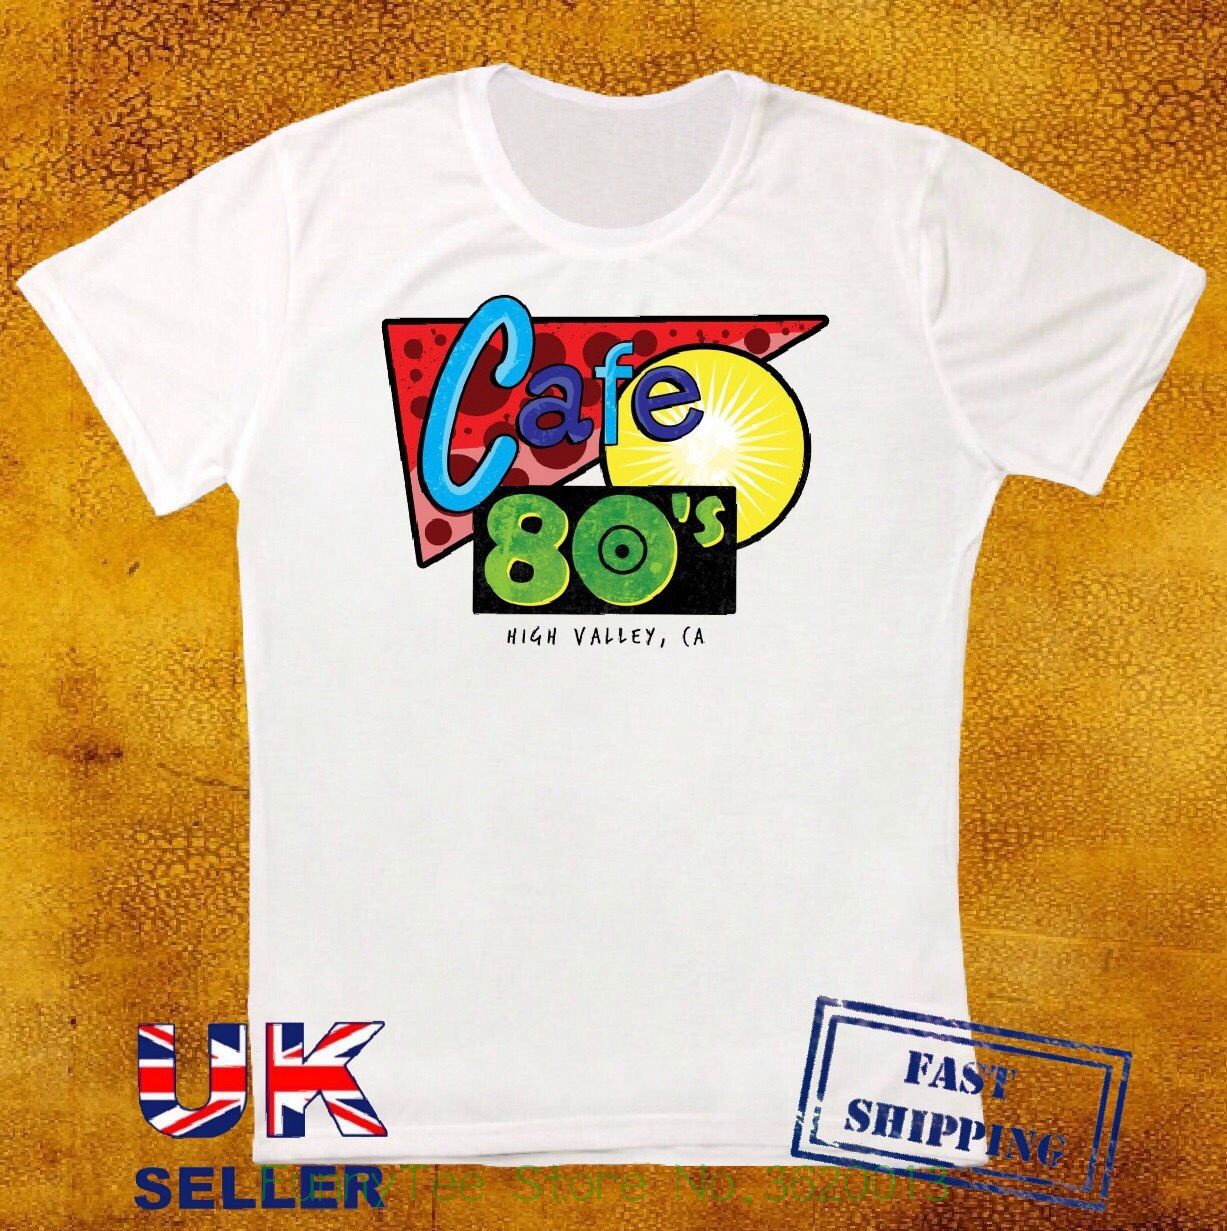 2 вдохновил кафе 80 s знак Плёнки футболка унисекс путешествие во времени 117